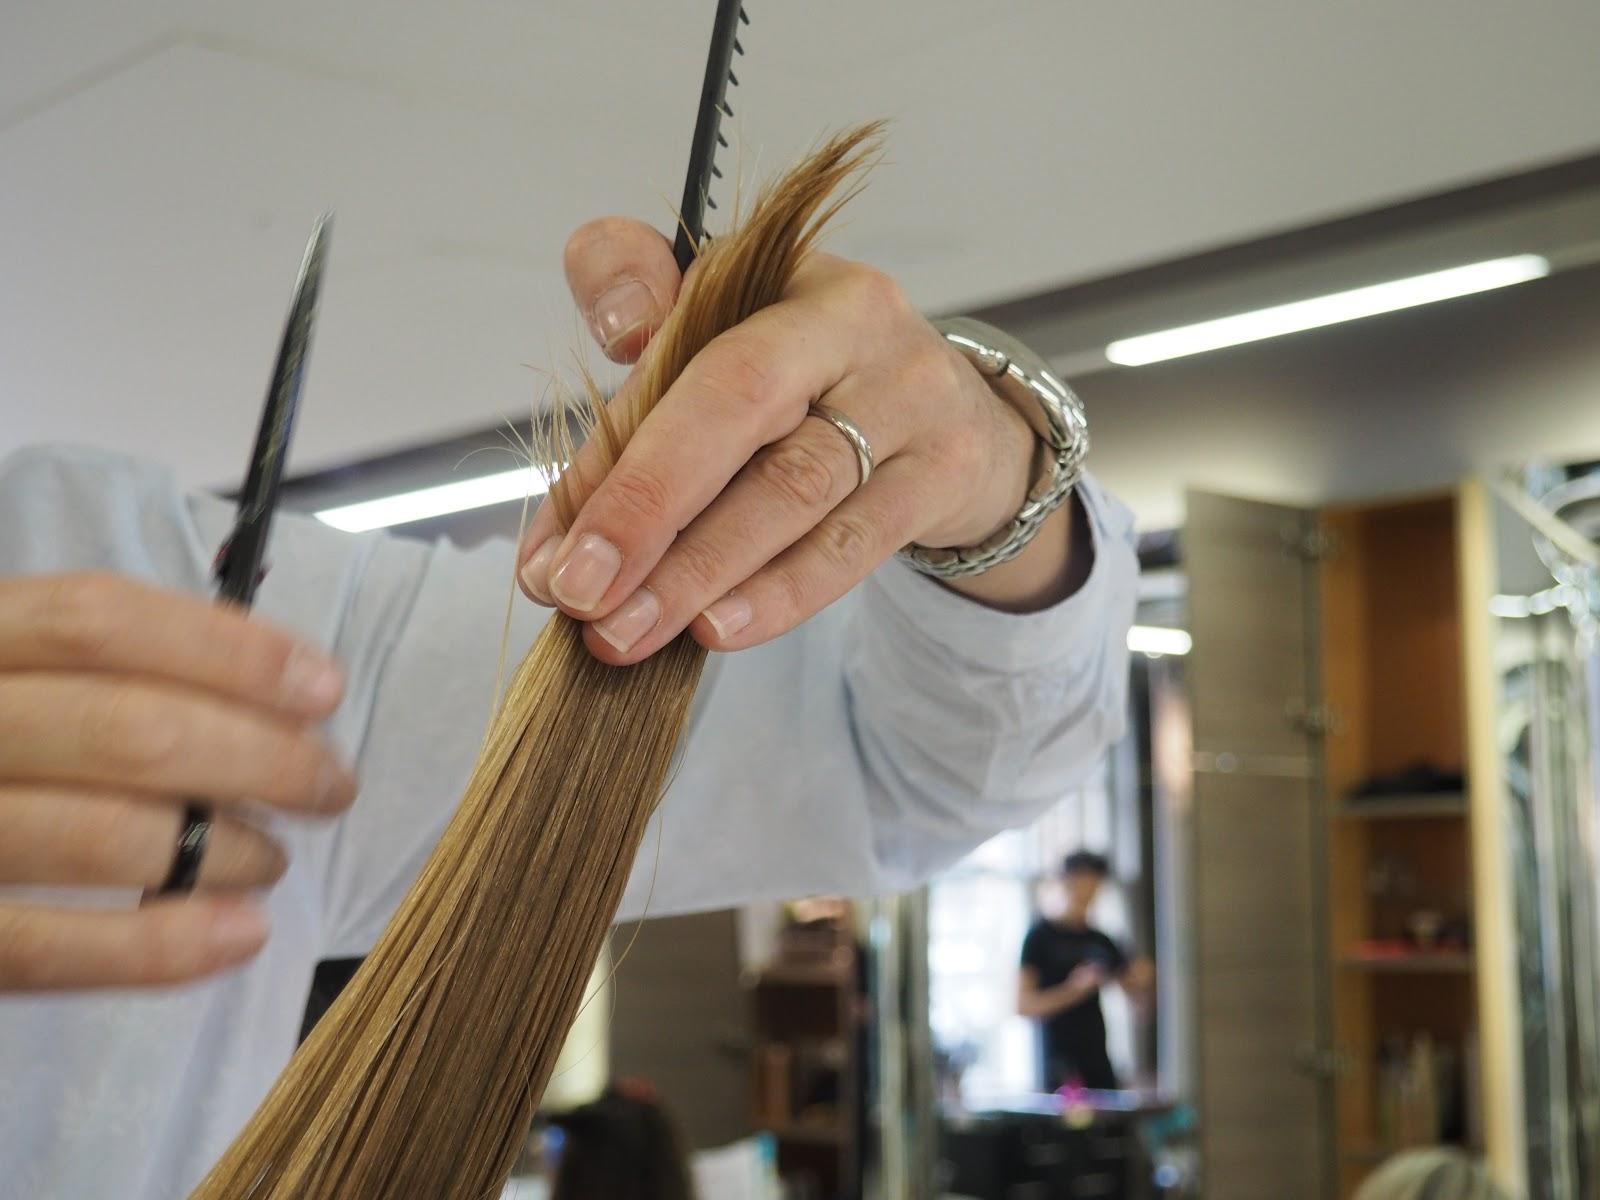 Richard Ward cutting blonde hair in the salon, Chelsea, London